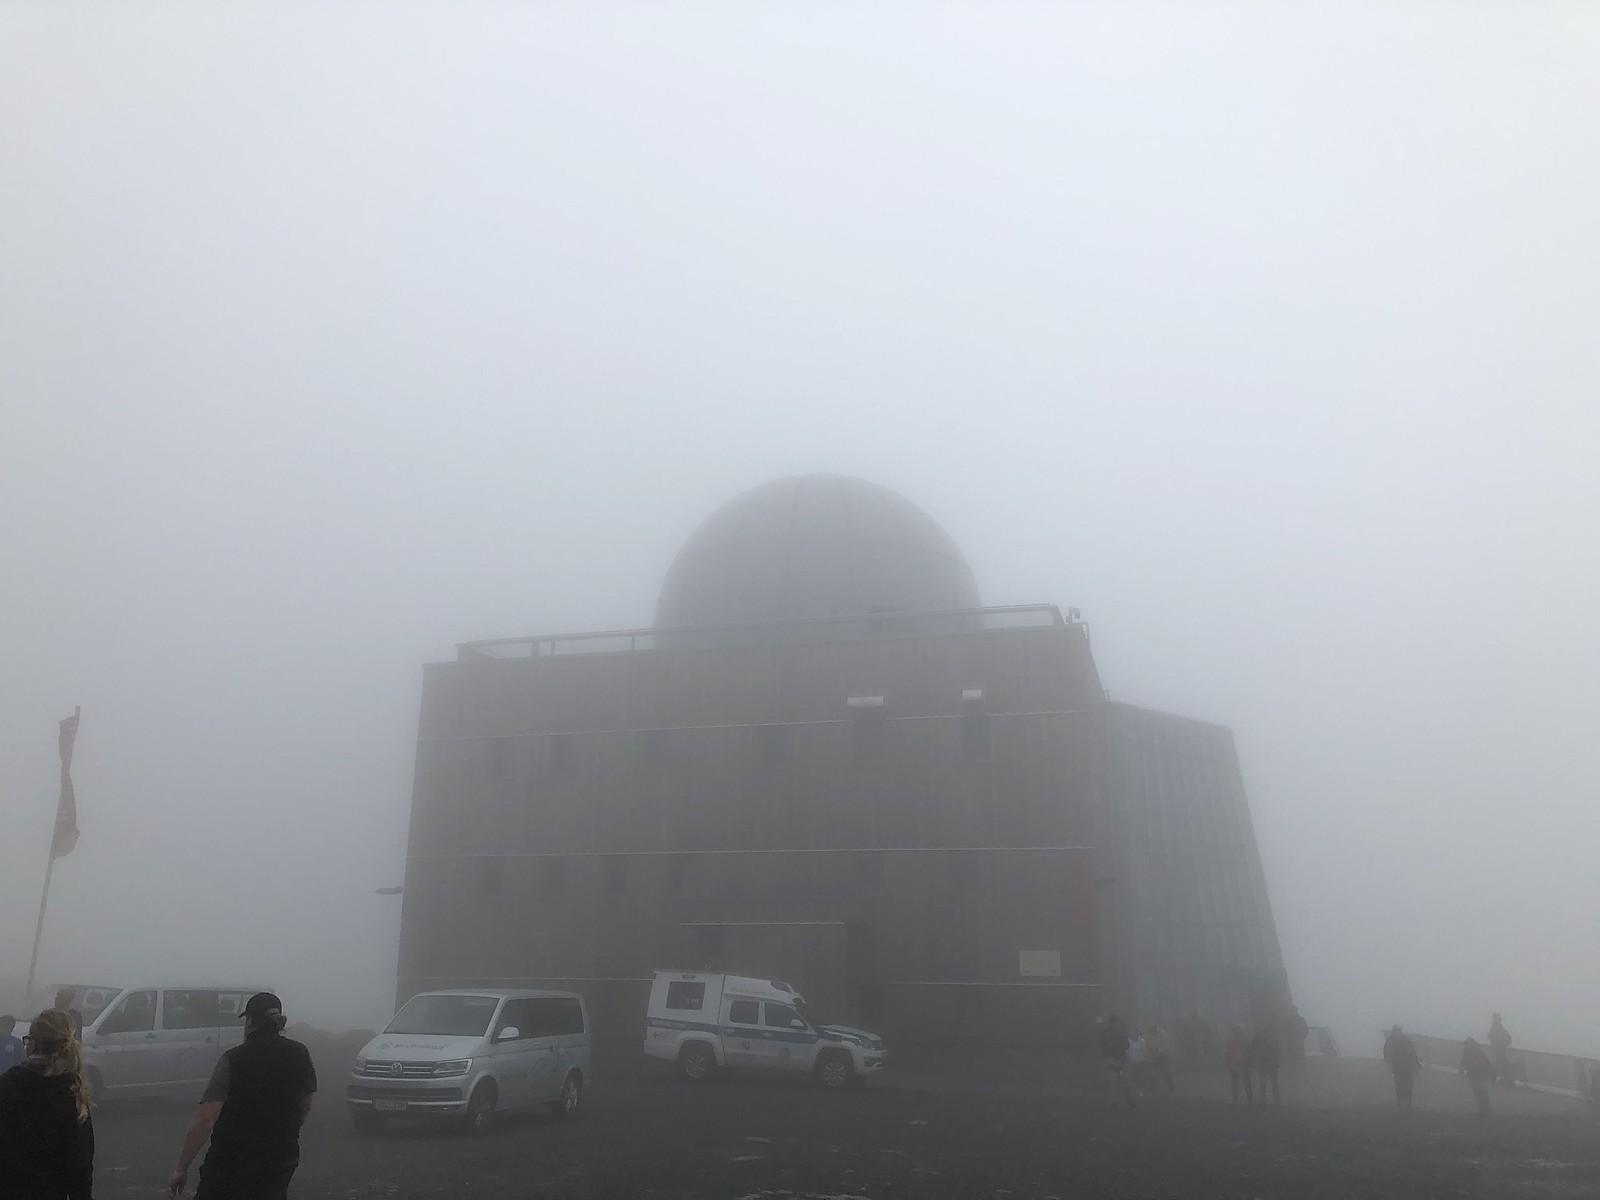 Das Brockenhaus auf dem Brocken im Nebel